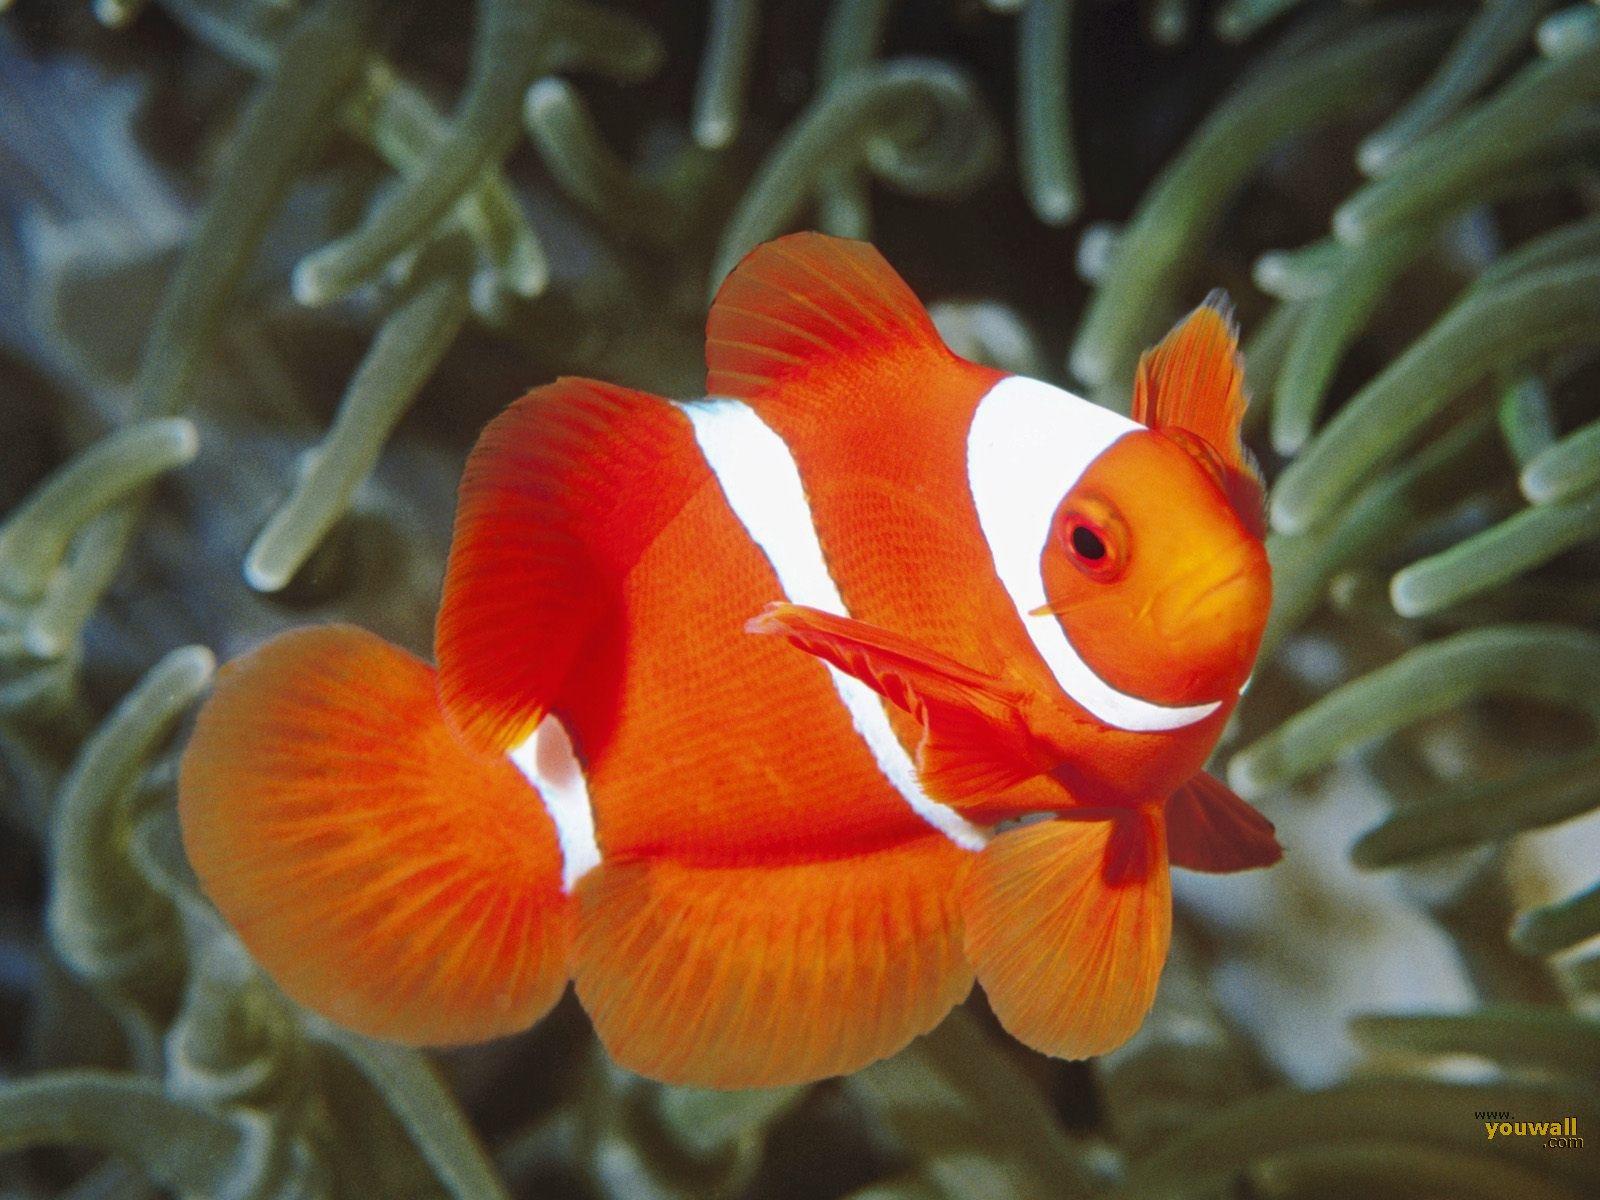 Cute Red Ocean Fish Wallpapers